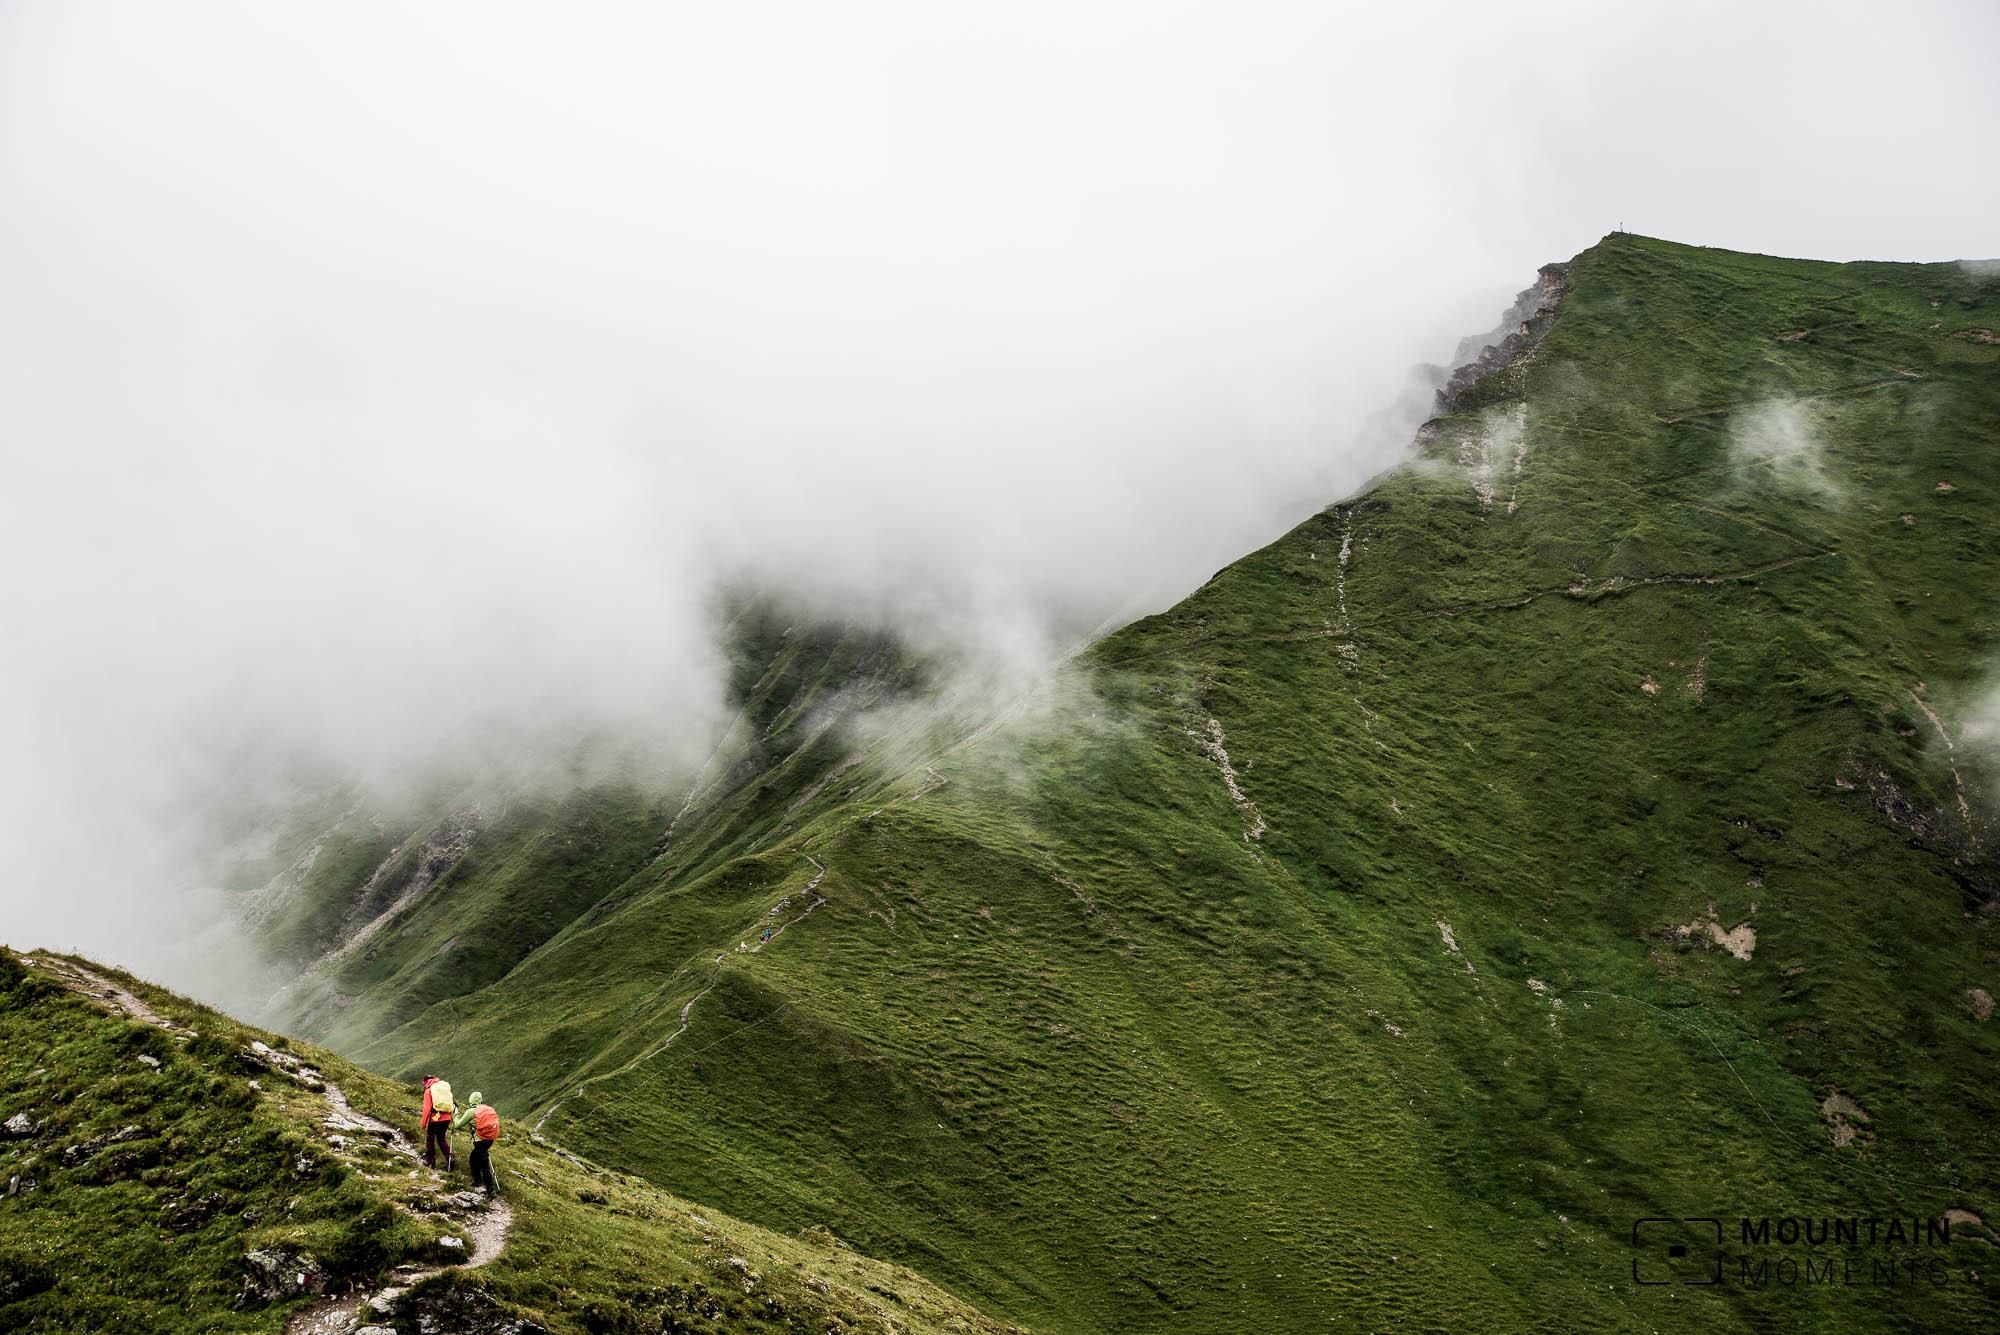 wandern, hüttenwandern, foto wandern, fotoreise, fotoresie europa, foto transalp, fotoreise alpen